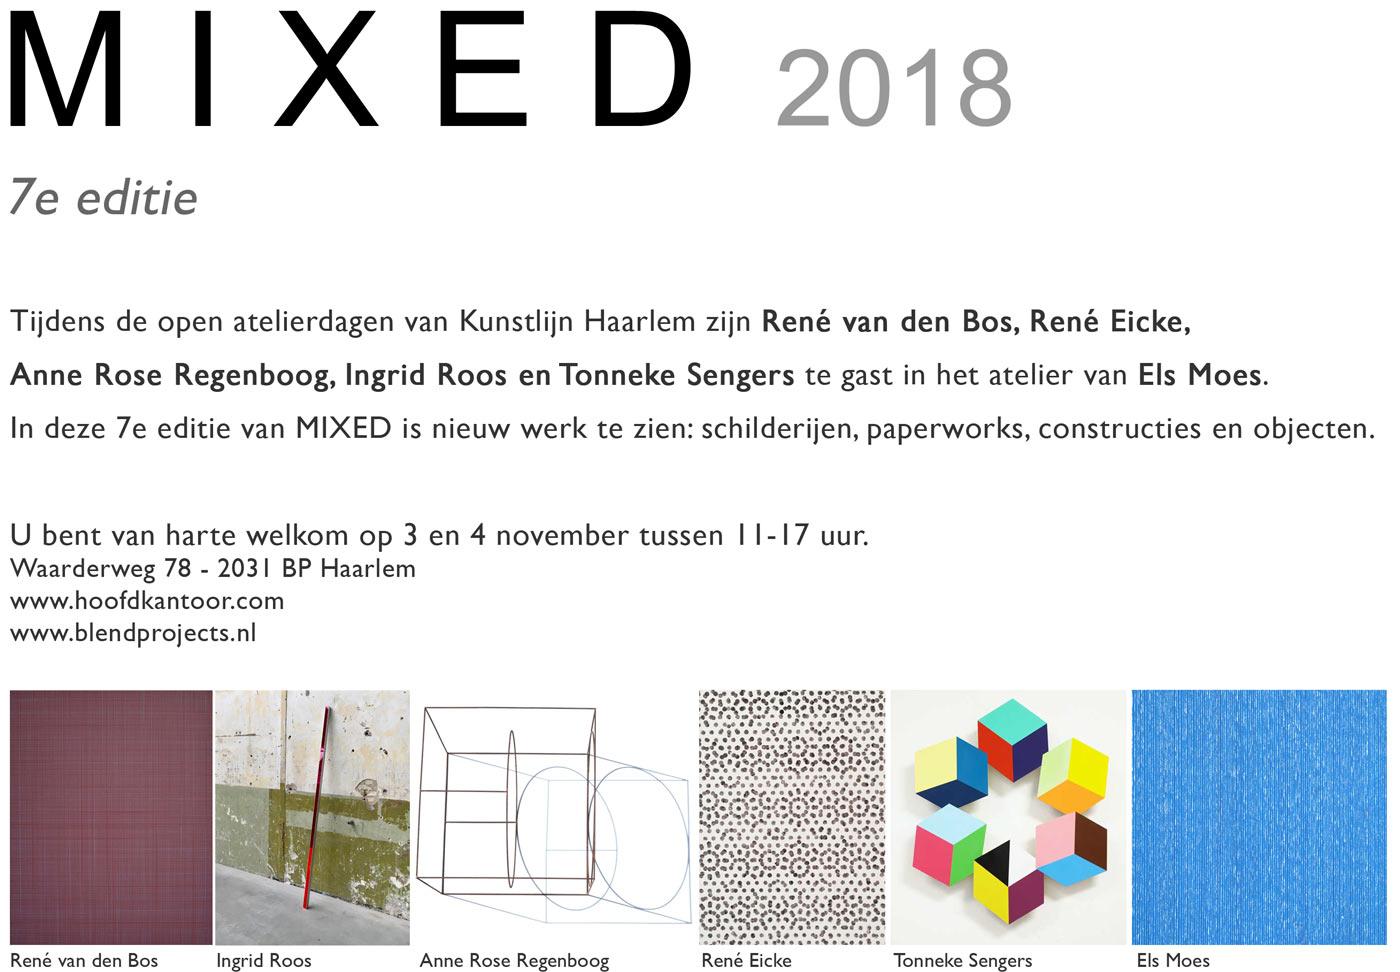 MIXED 2018